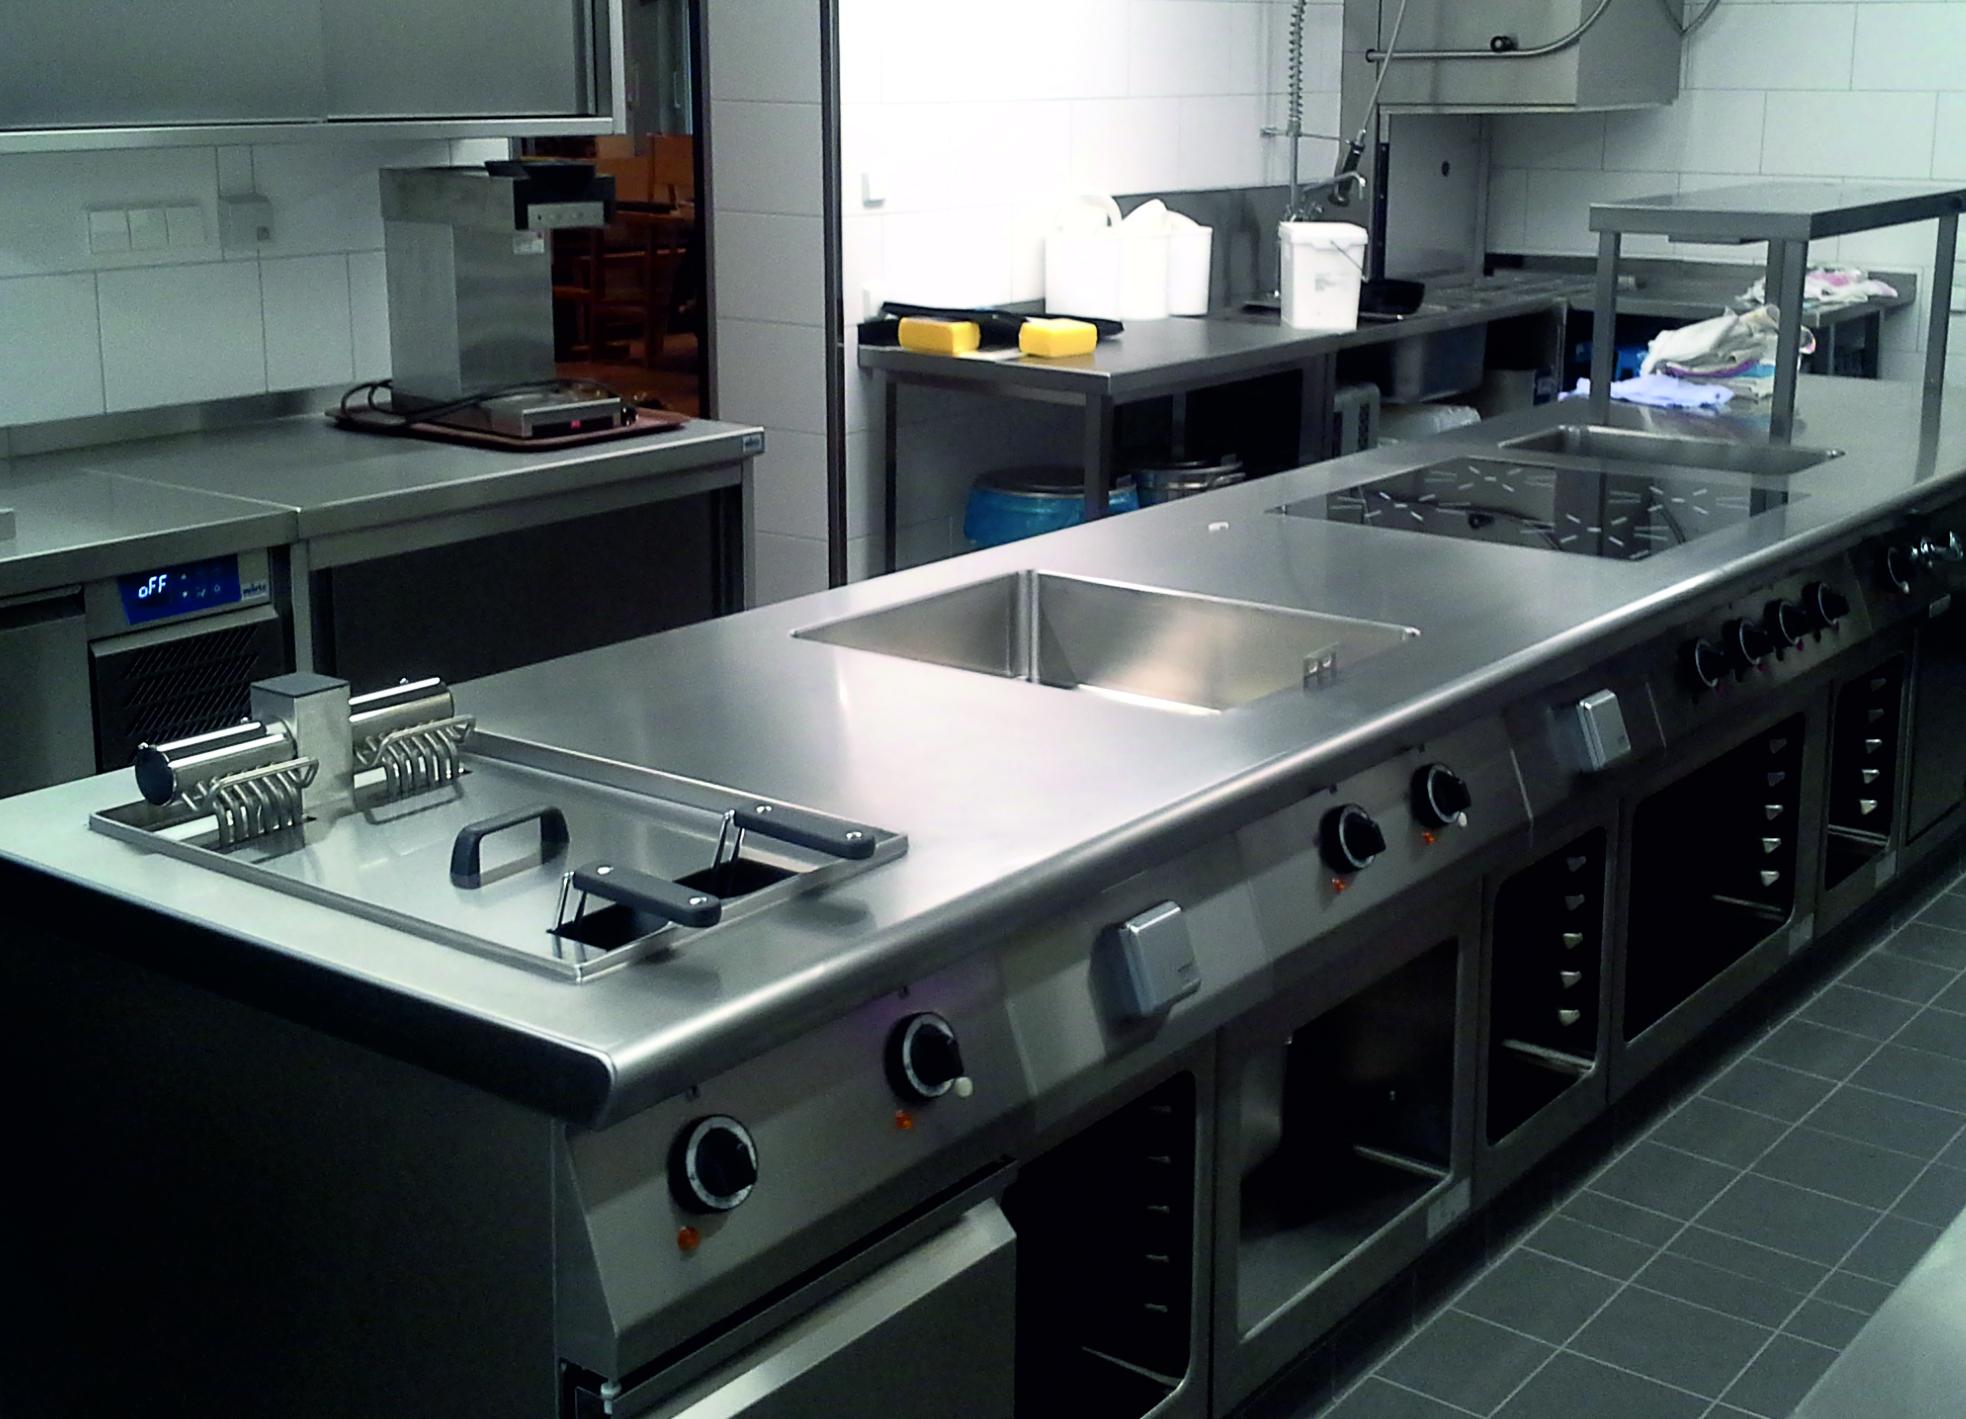 Full Size of Kleine Komplettküche Komplettküche Mit Geräten Miele Komplettküche Komplettküche Billig Küche Komplettküche